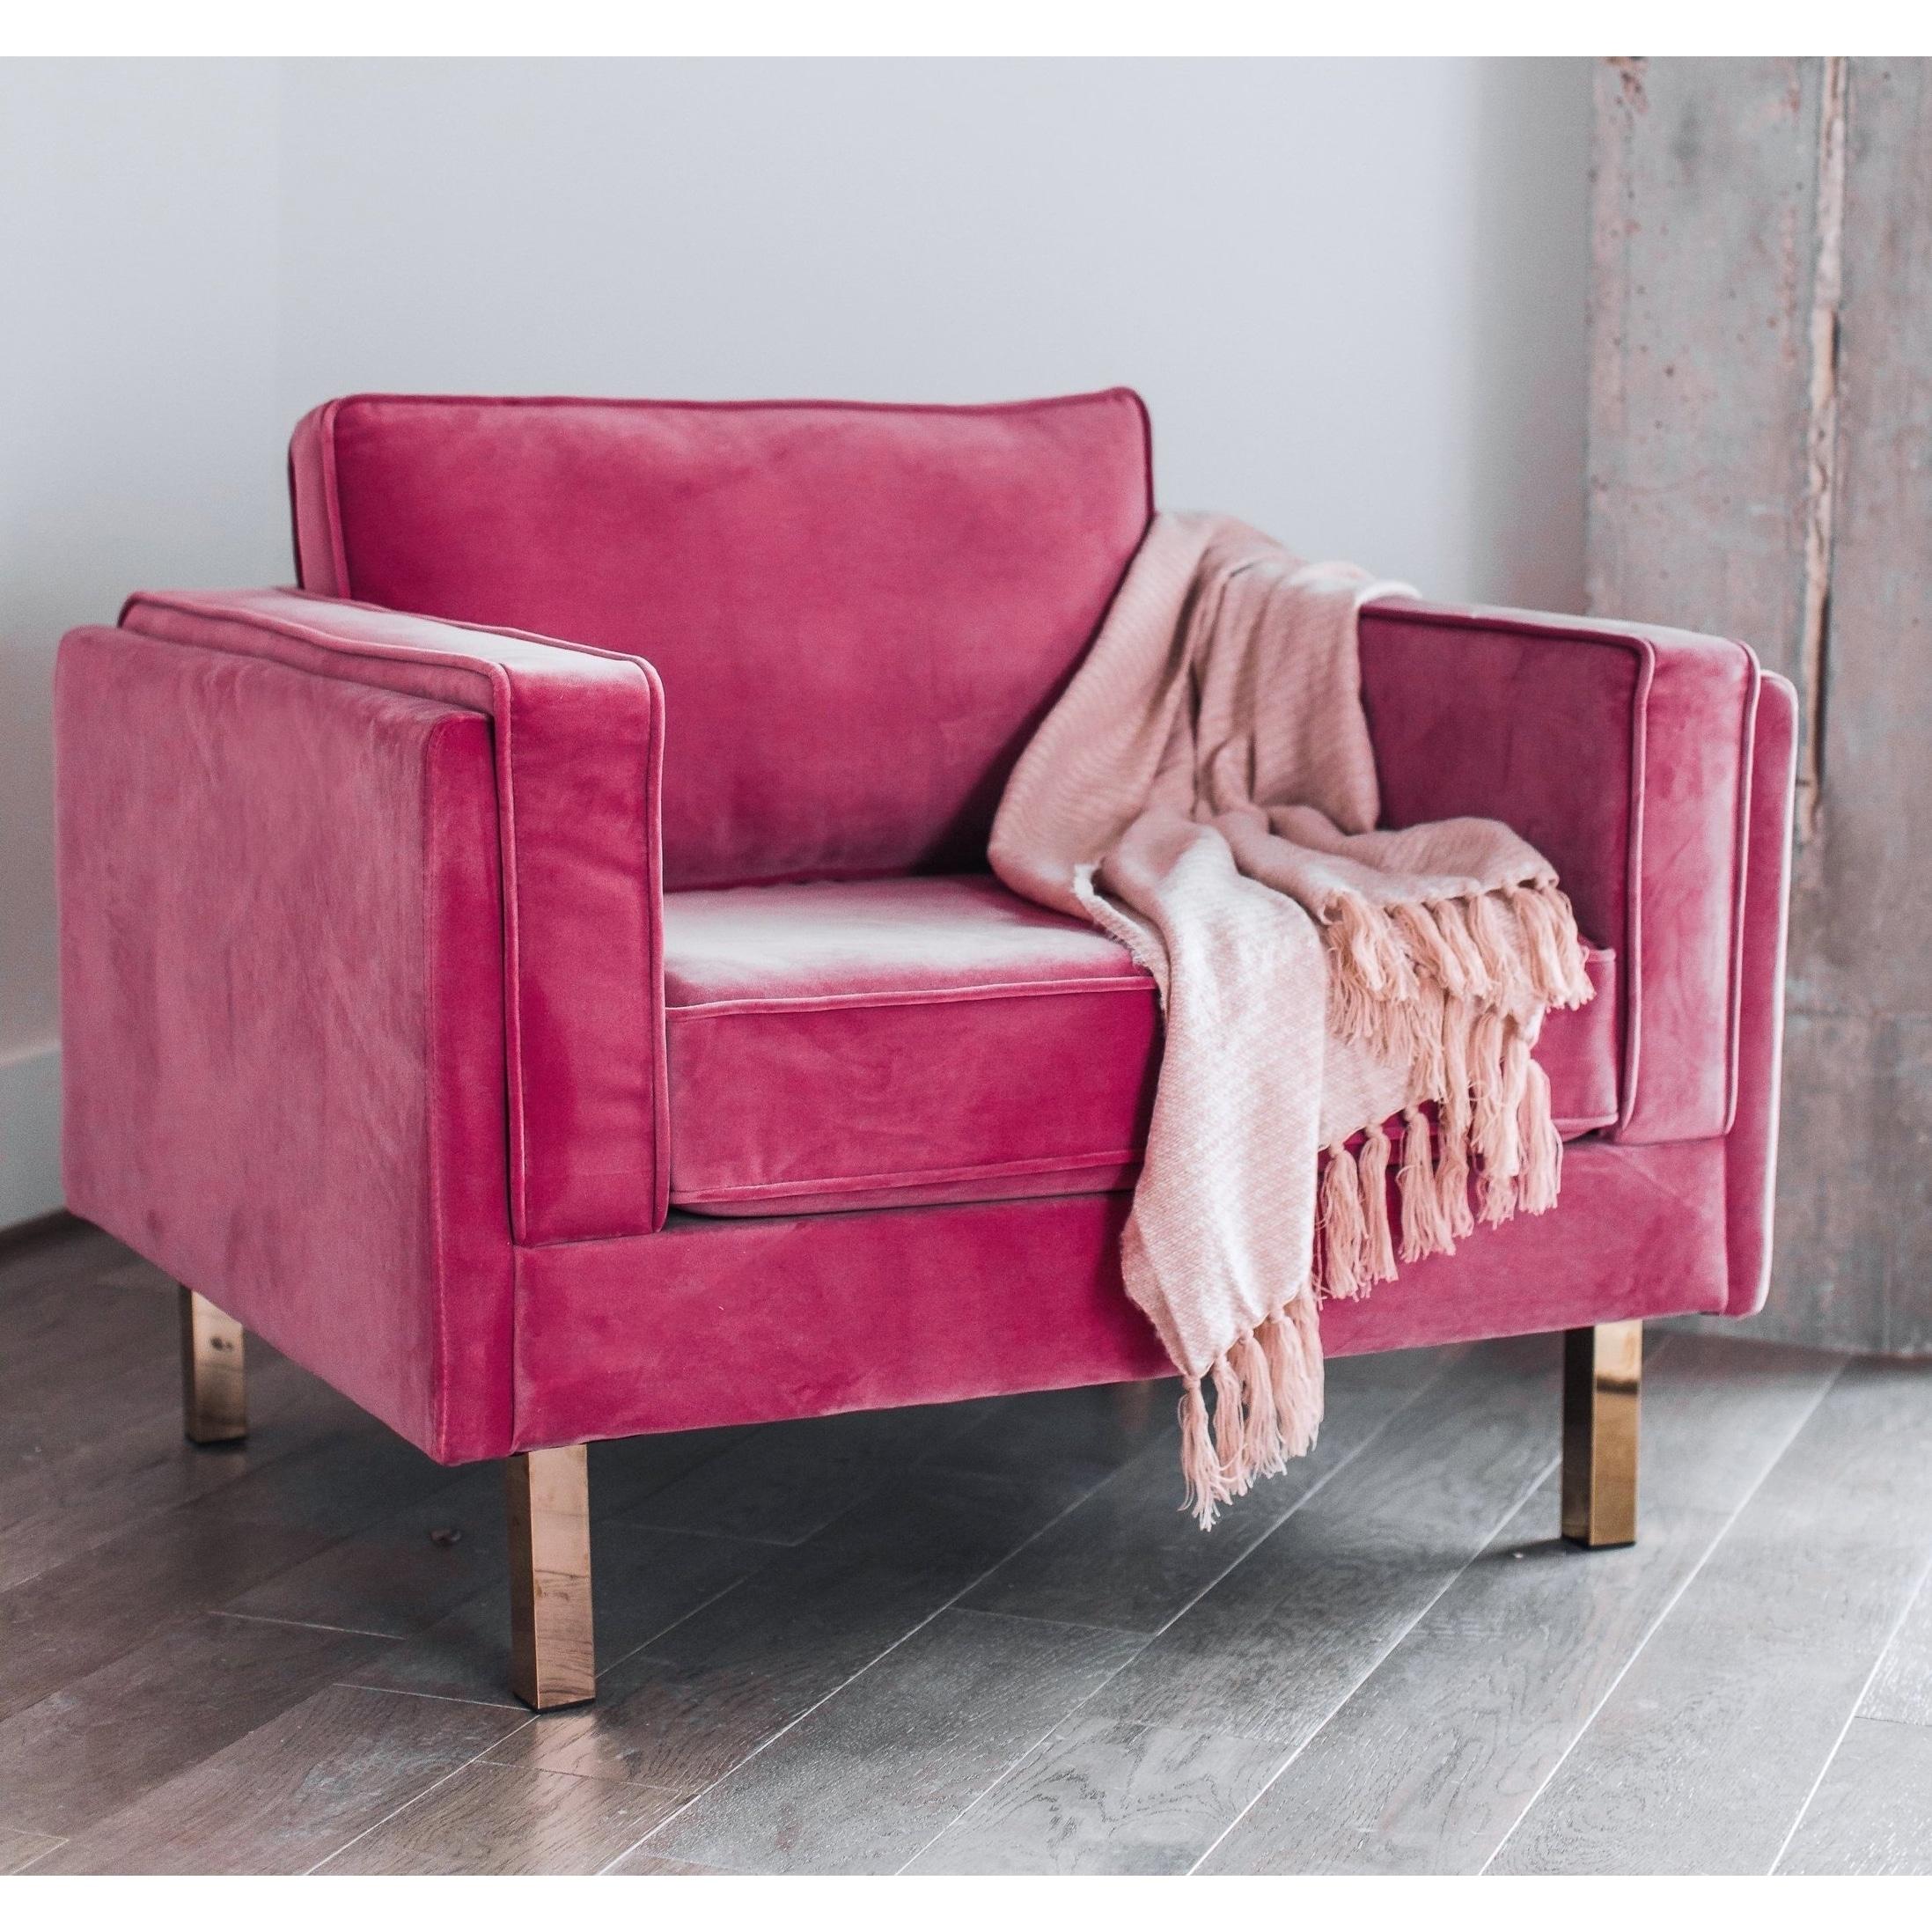 Kinsley Modern Pink Velvet Upholstered Living Room Accent Chair - Overstock - 21814867